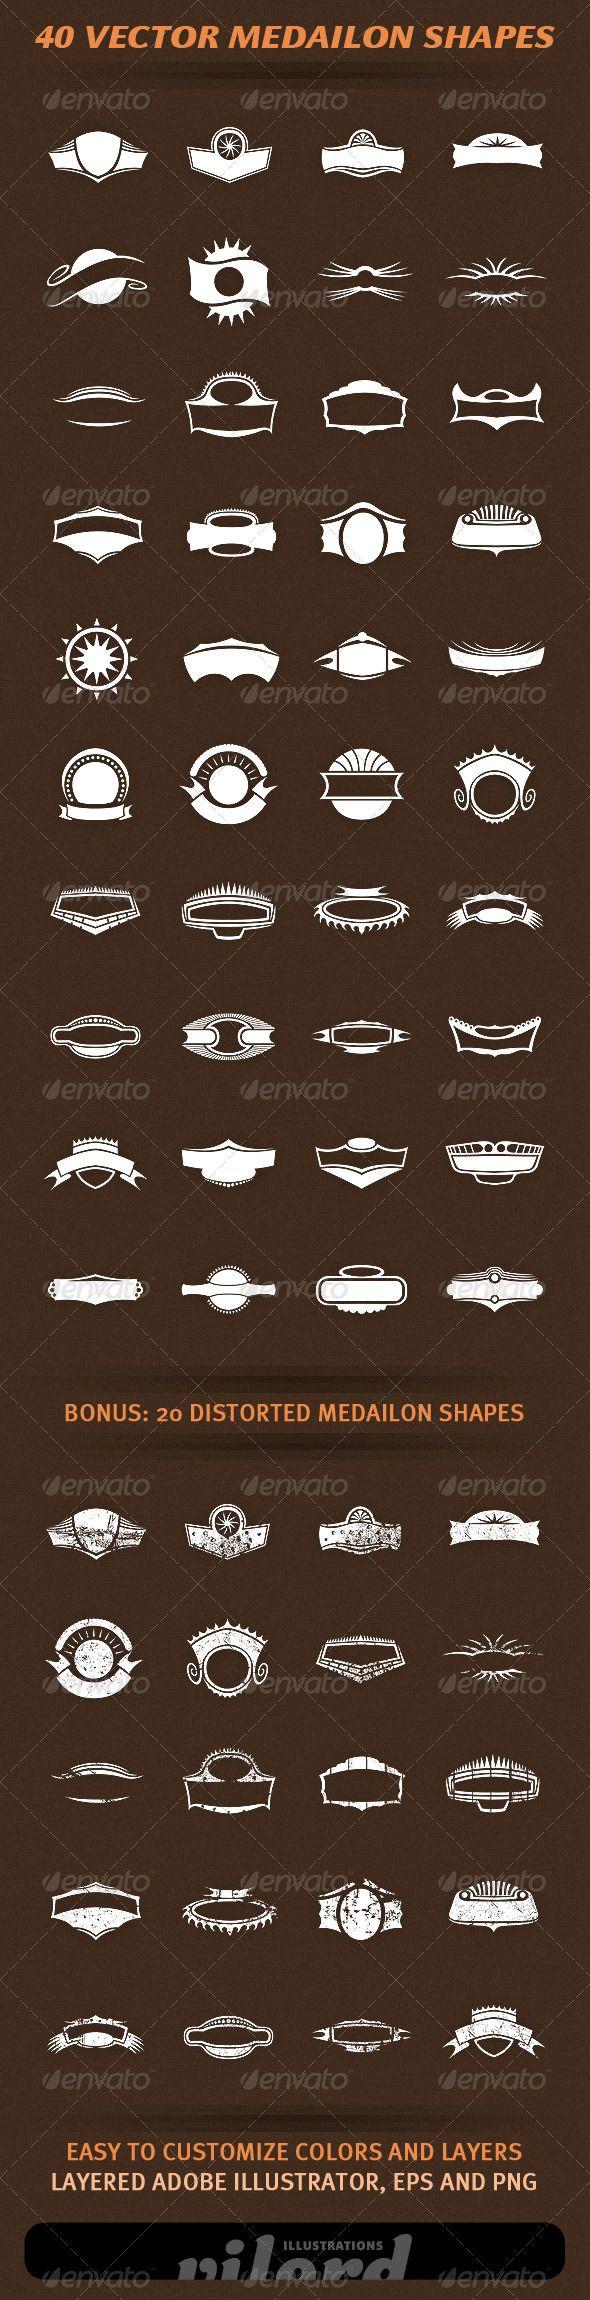 40 Vector Medailon Shapes